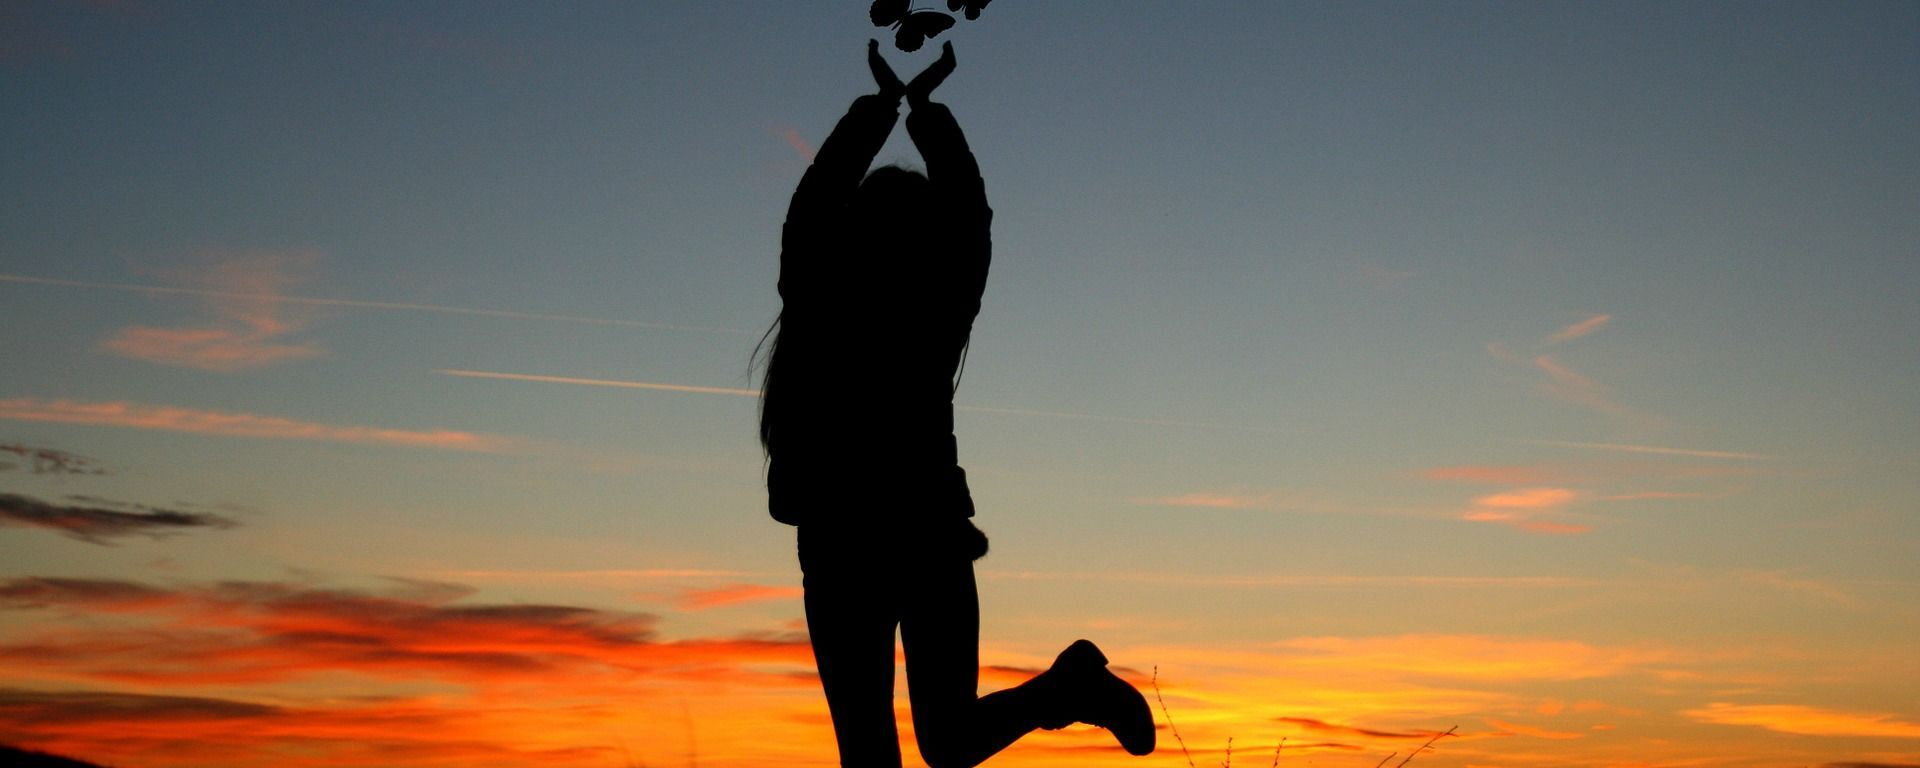 გოგონა ჩამავალი მზის ფონზე პეპლებით ხელში - Sputnik საქართველო, 1920, 20.05.2021